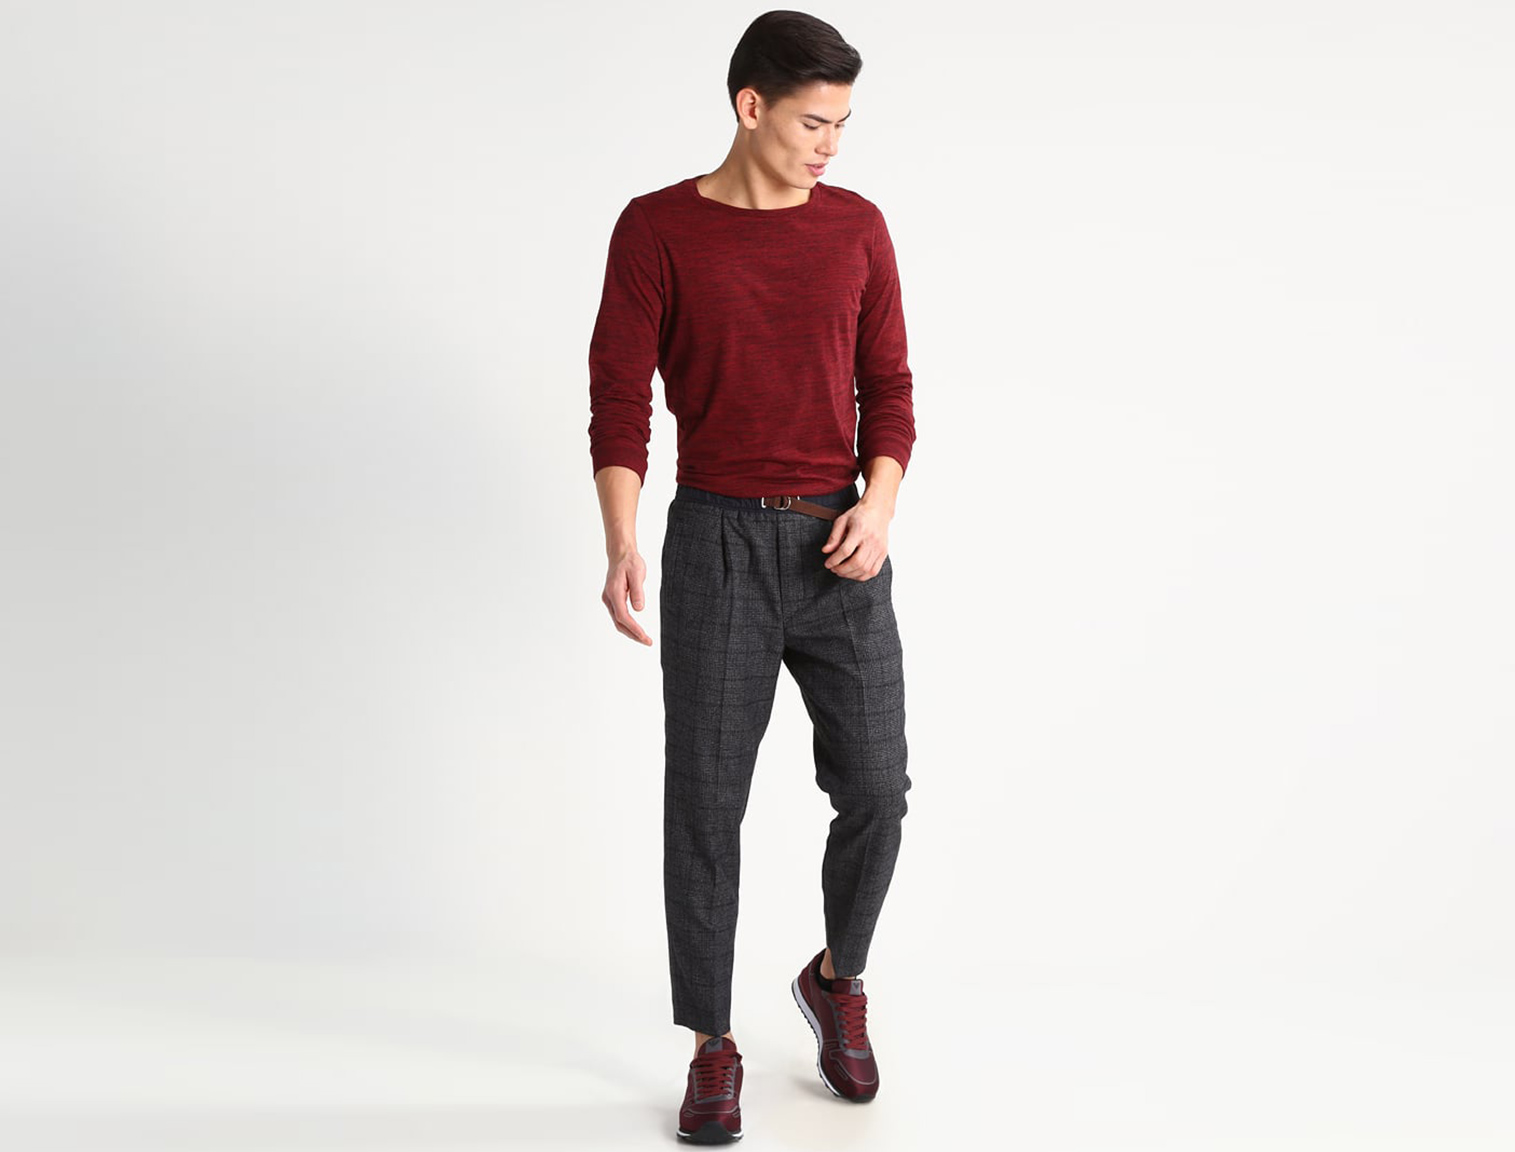 Hombre con pantalones de tiro alto grises